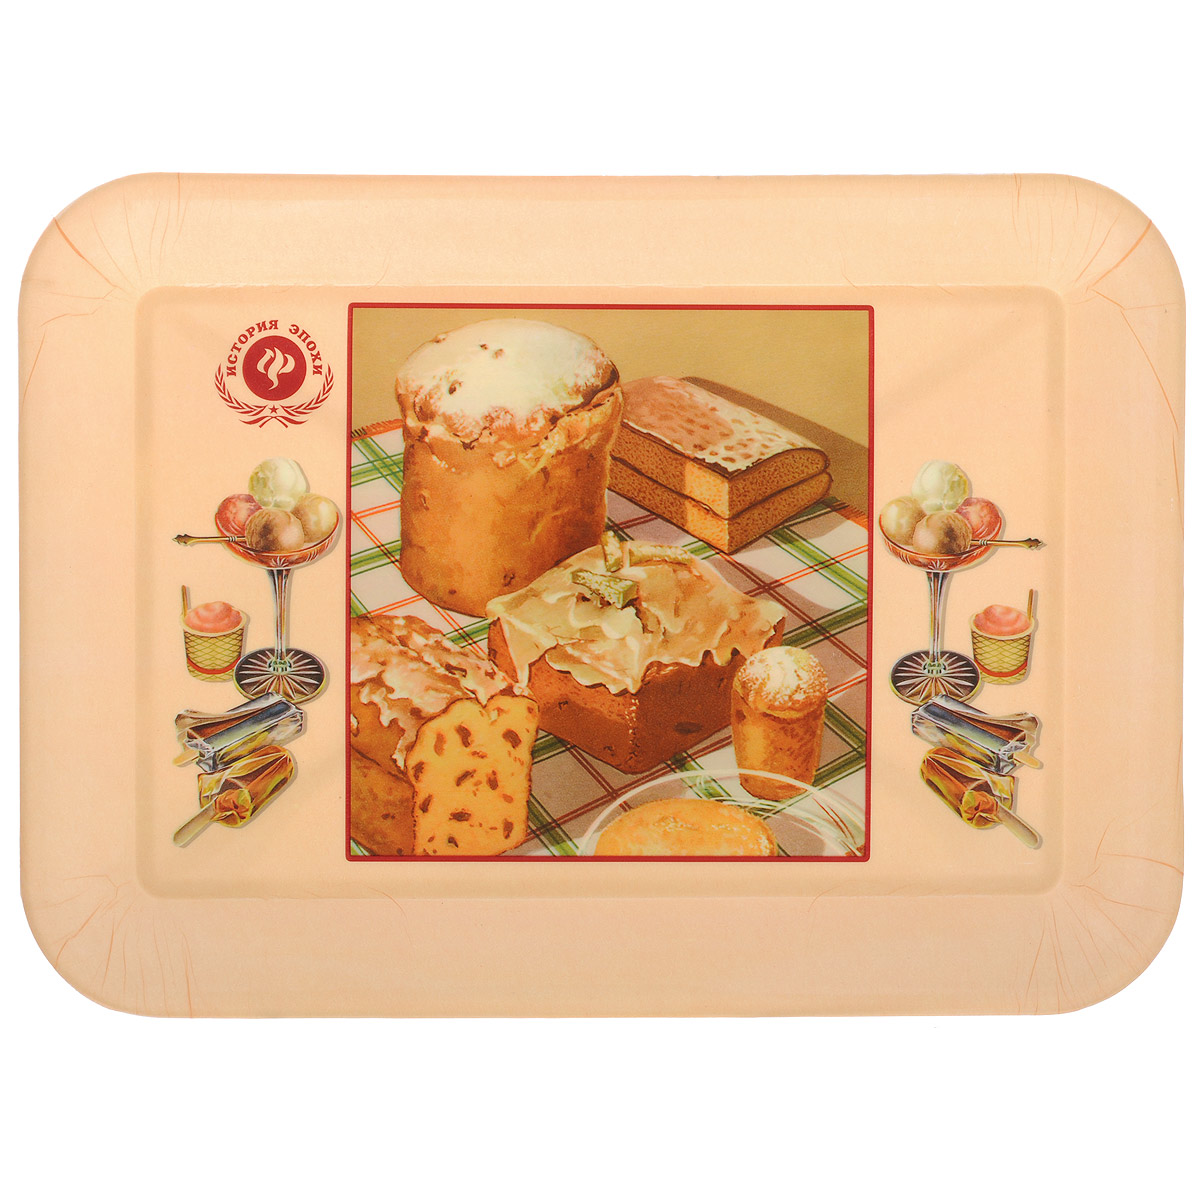 Поднос Феникс-презент Ретро-кексы, 35,5 см х 25,5 см